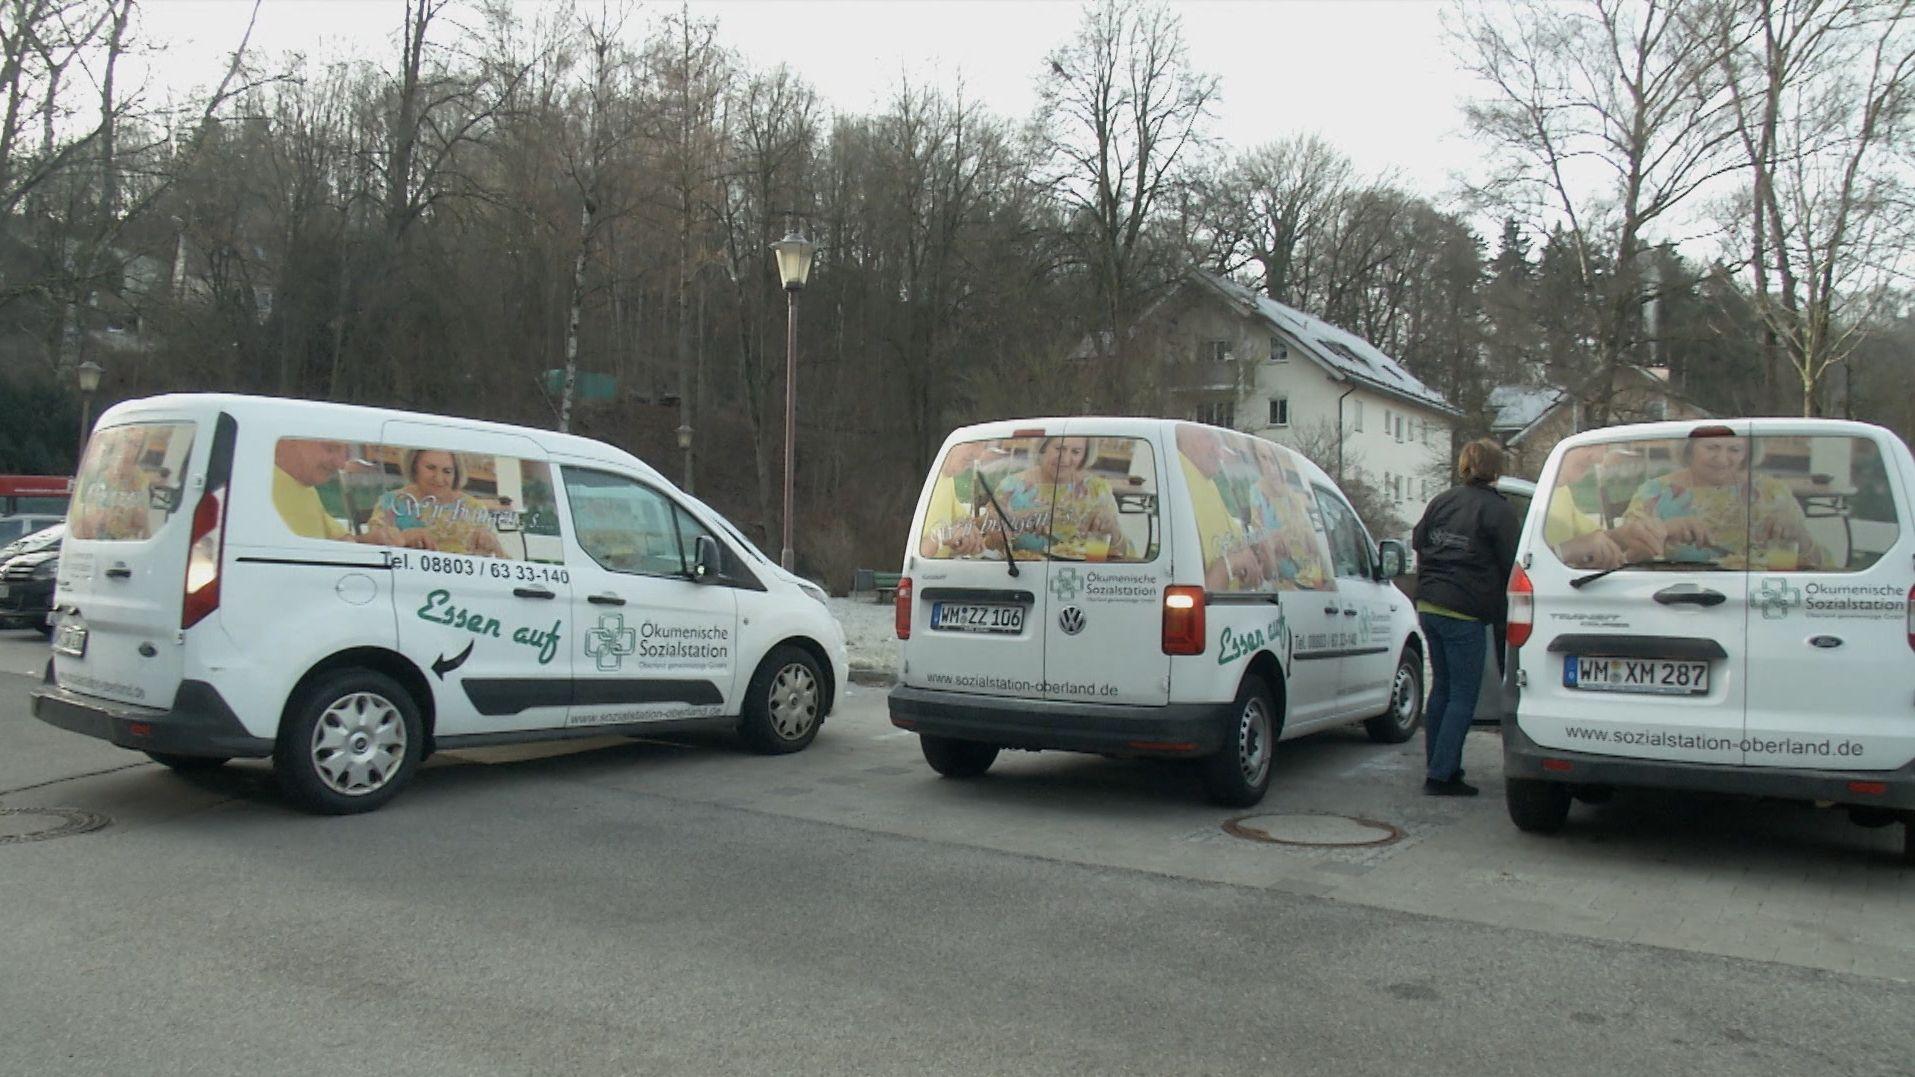 """Seit etwa einem halben Jahr werden Autos von """"Essen auf Rädern"""" der """"Ökumenischen Sozialstation Oberland"""" in Peißenberg sabotiert, indem Reifen beschädigt werden. Die Polizei ermittelt..."""